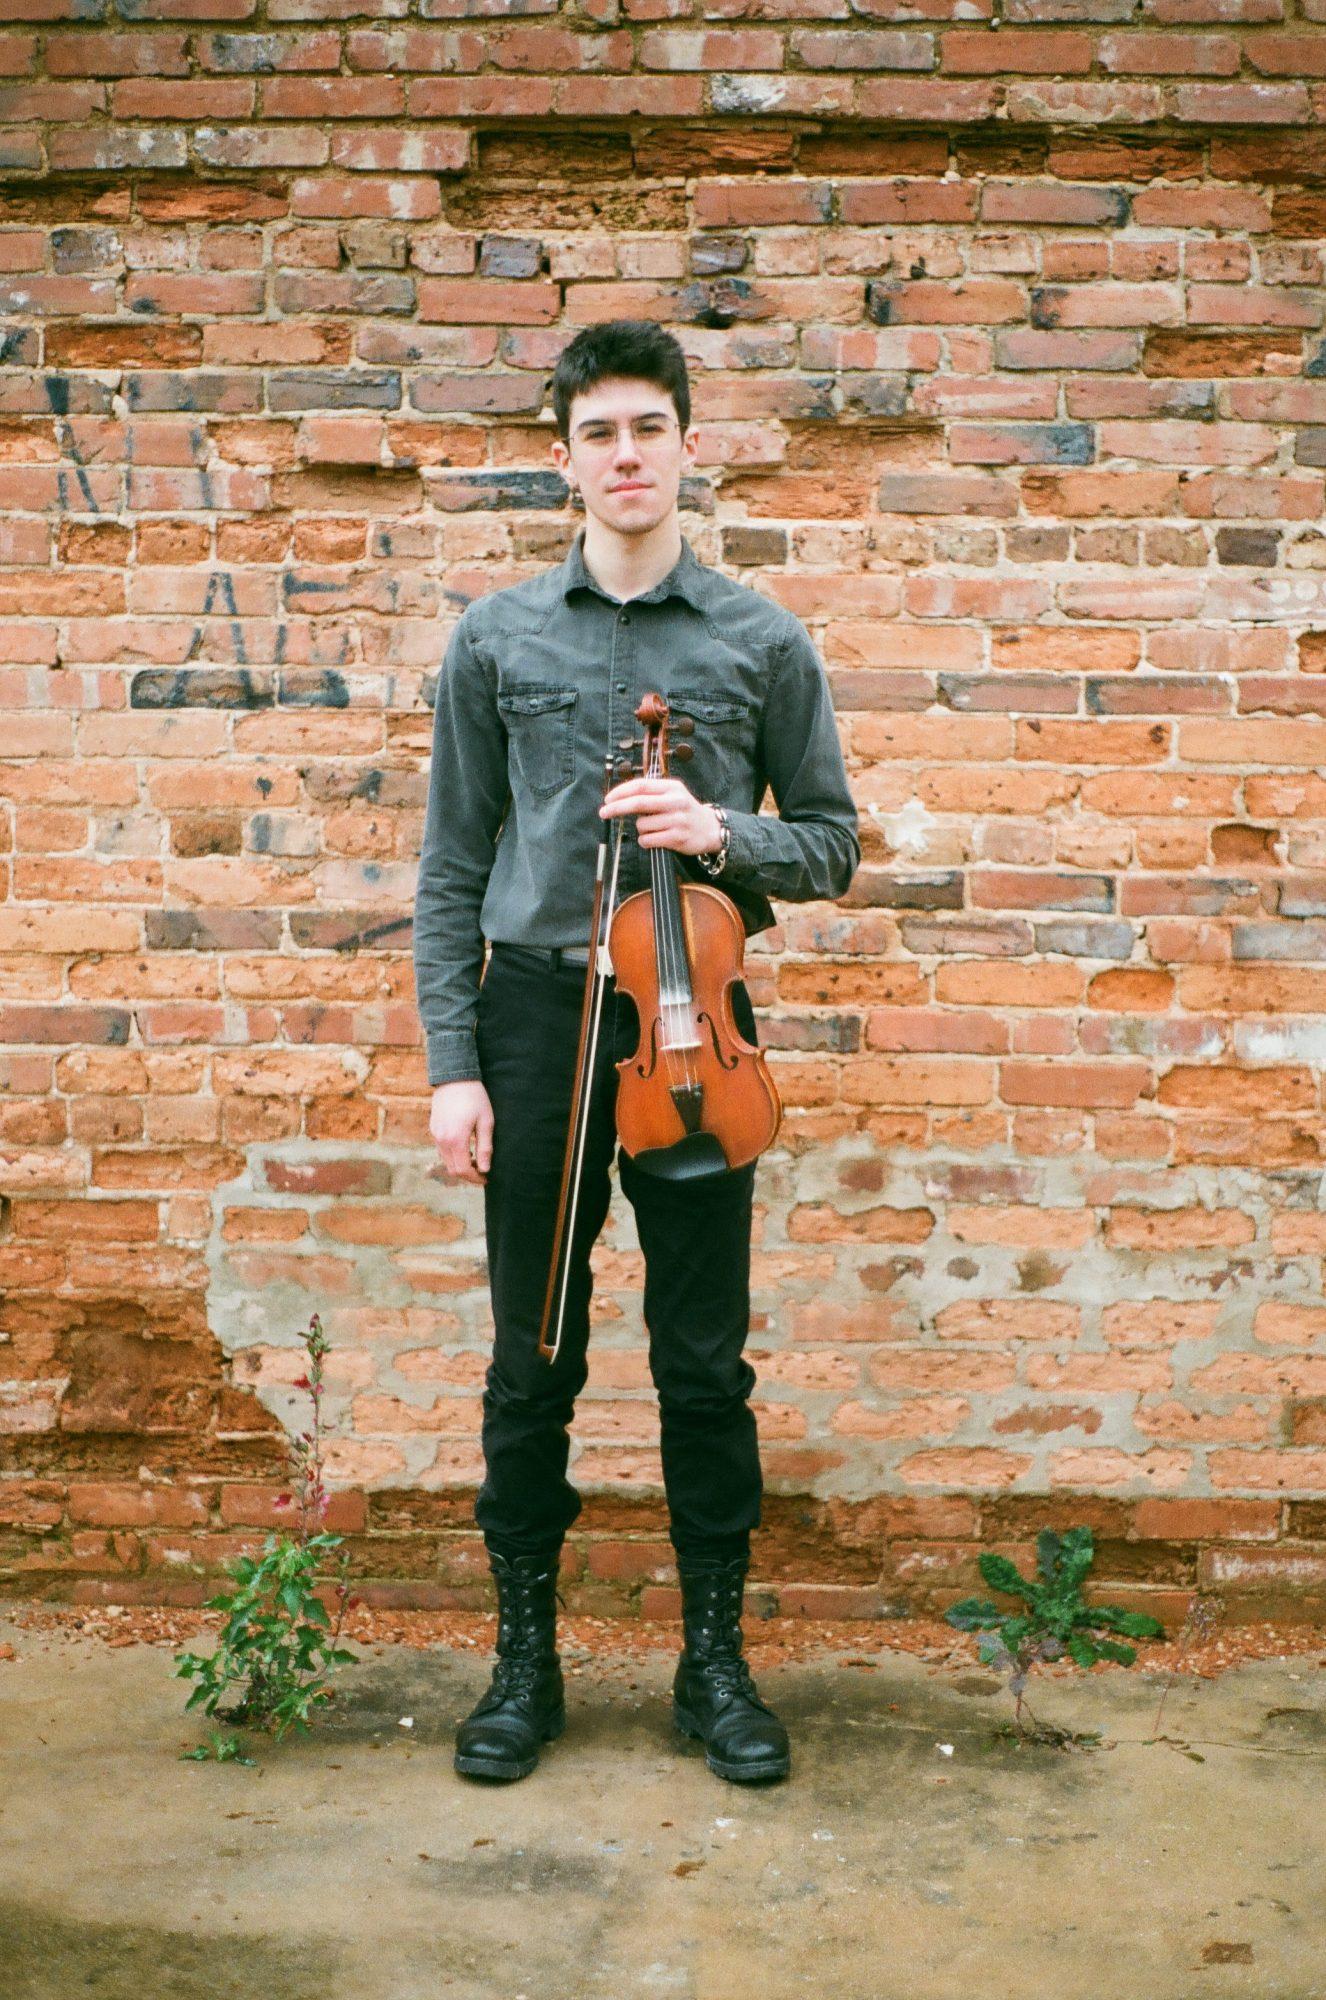 Jacob Raitzyk